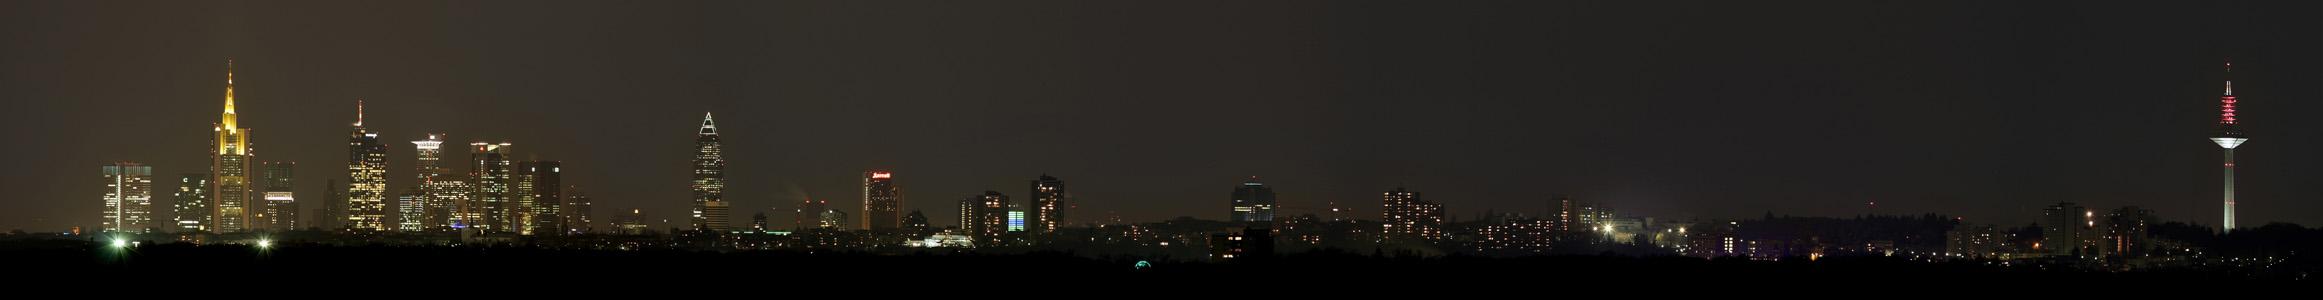 Panorama von Frankfurt am Main @night